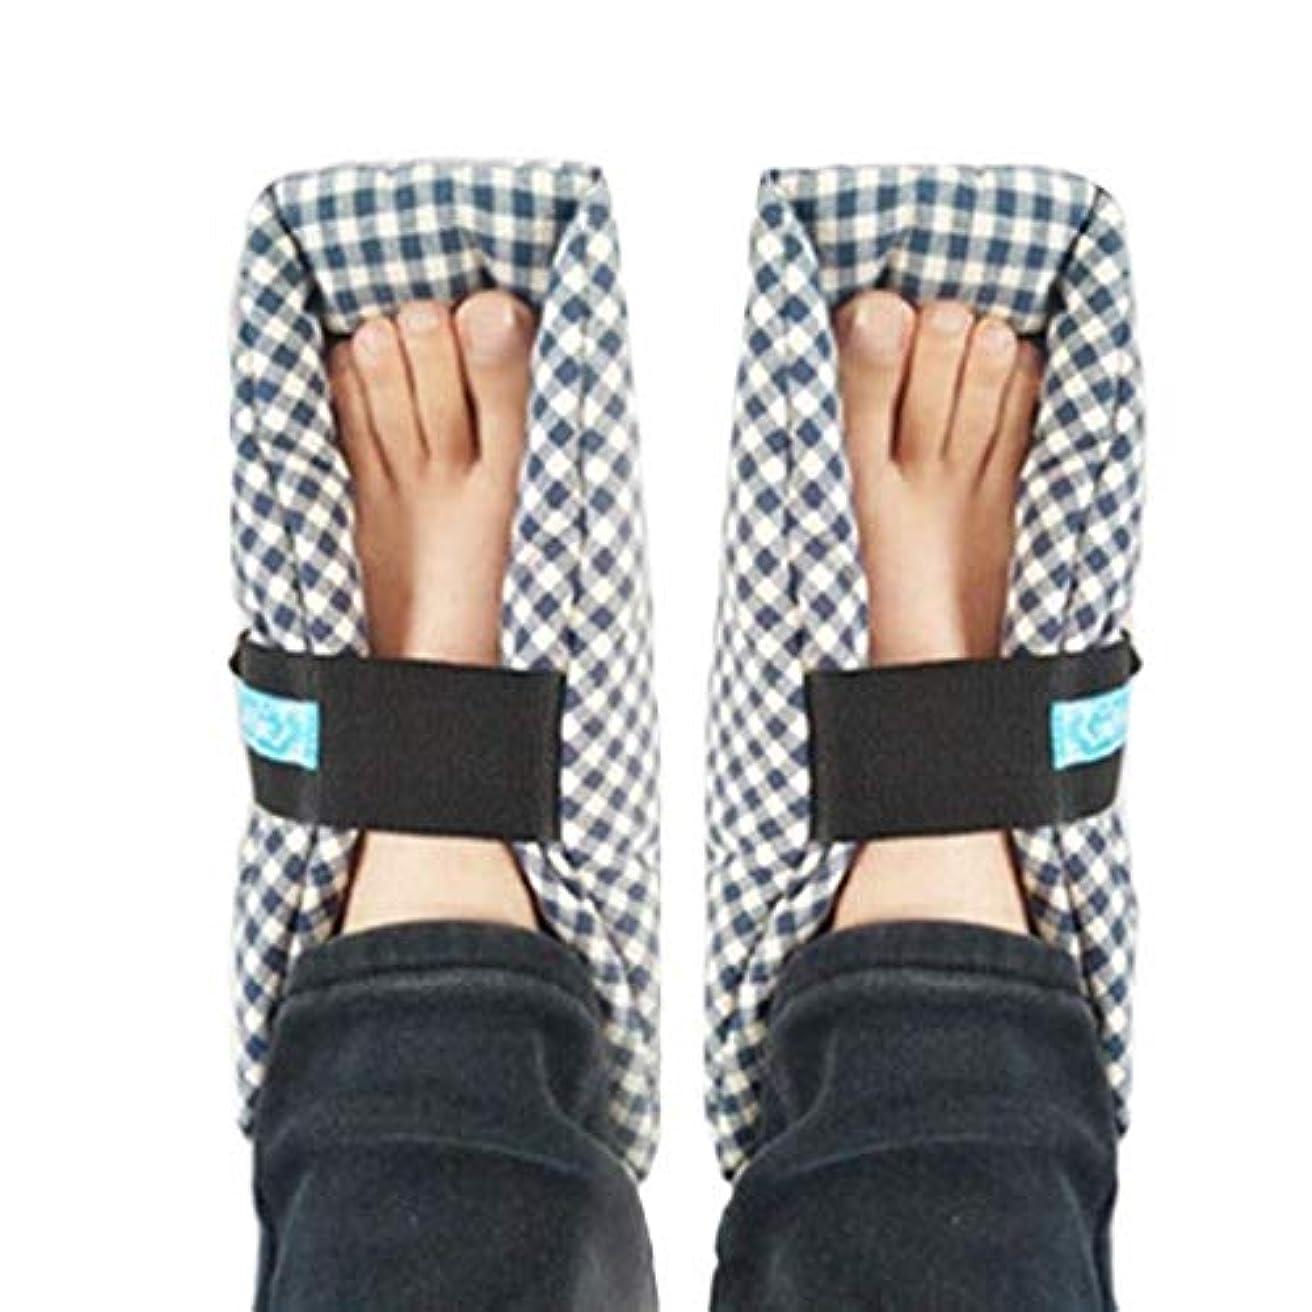 居心地の良い部分的に自分を引き上げるTONGSH 足枕、かかとプロテクター、かかとクッション、かかと保護、効果的な、瘡およびかかと潰瘍の救済、腫れた足に最適、快適なかかと保護足枕、1組、格子縞